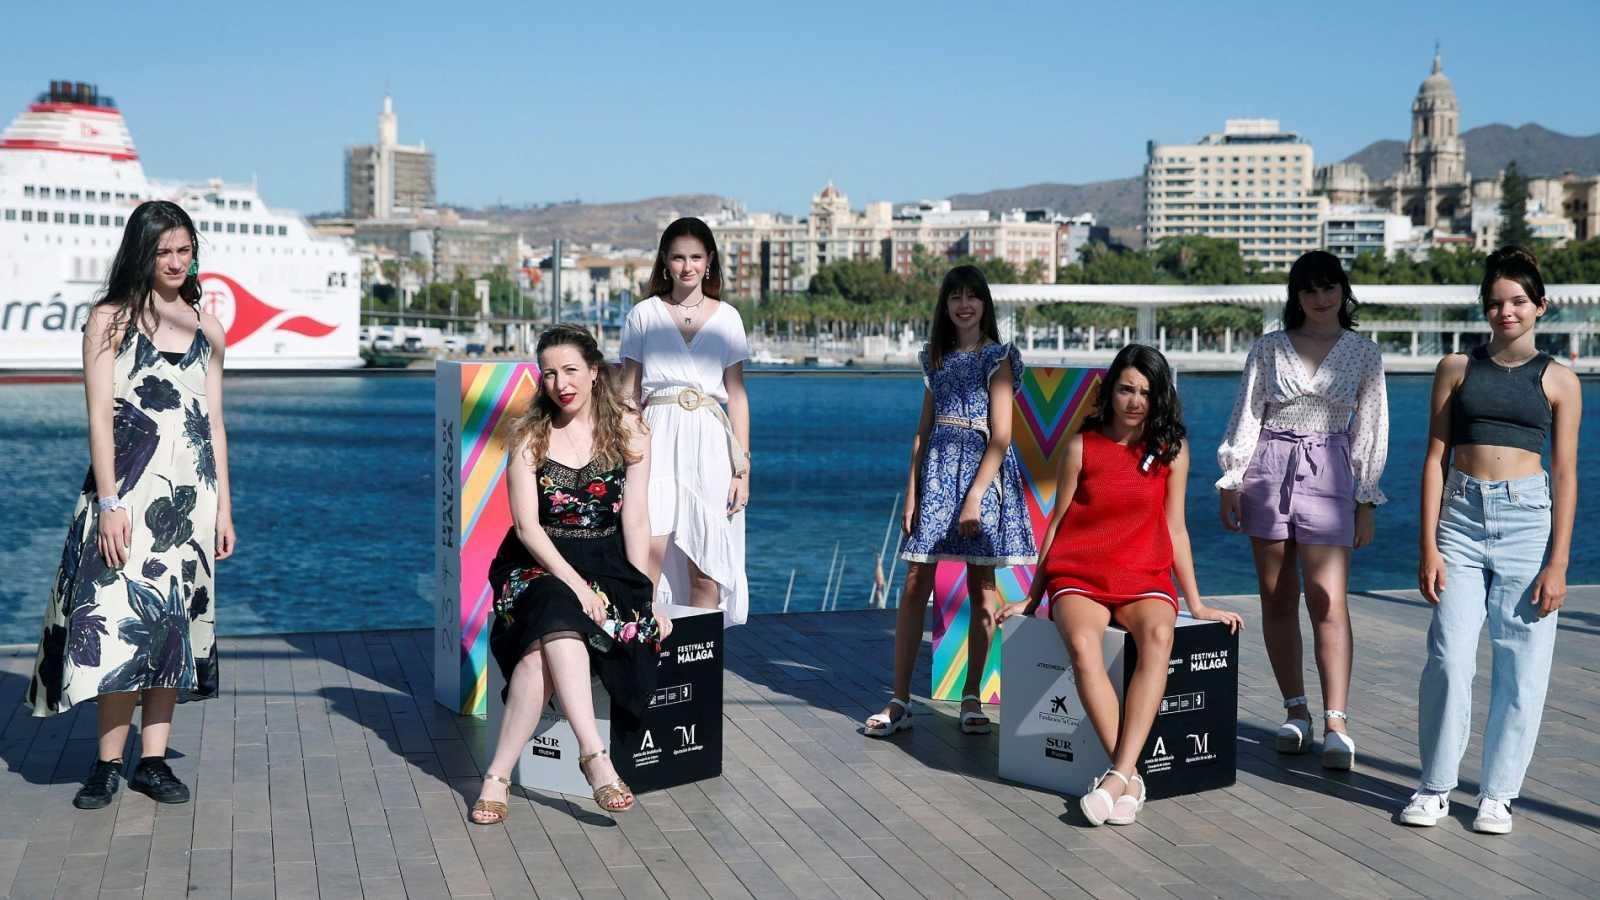 La directora Pilar Palomero presenta 'Las niñas' en el Festival de Málaga de Cine Español